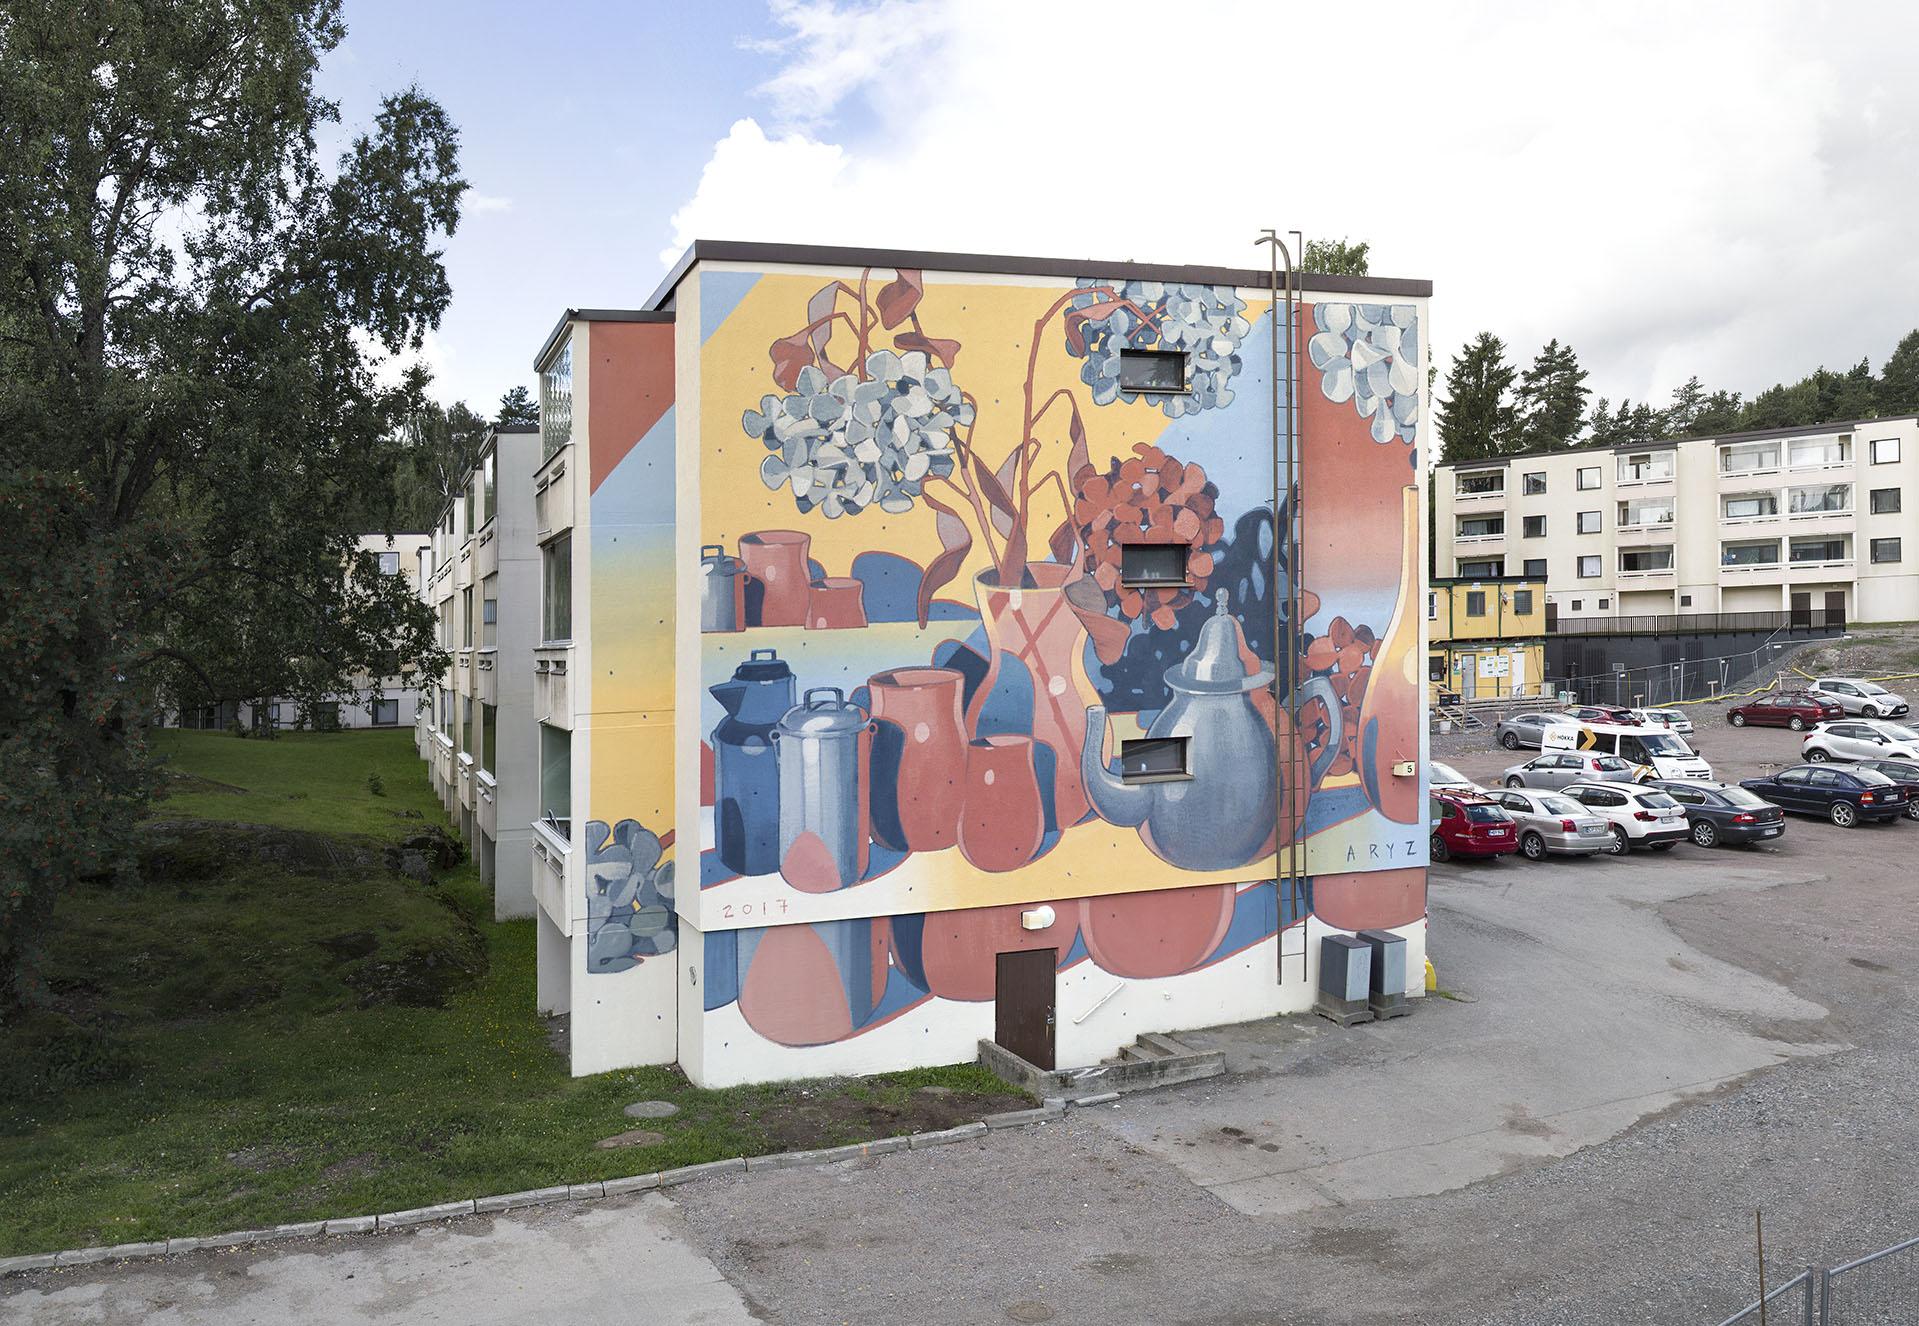 07-2017-vantaa-finland.jpg